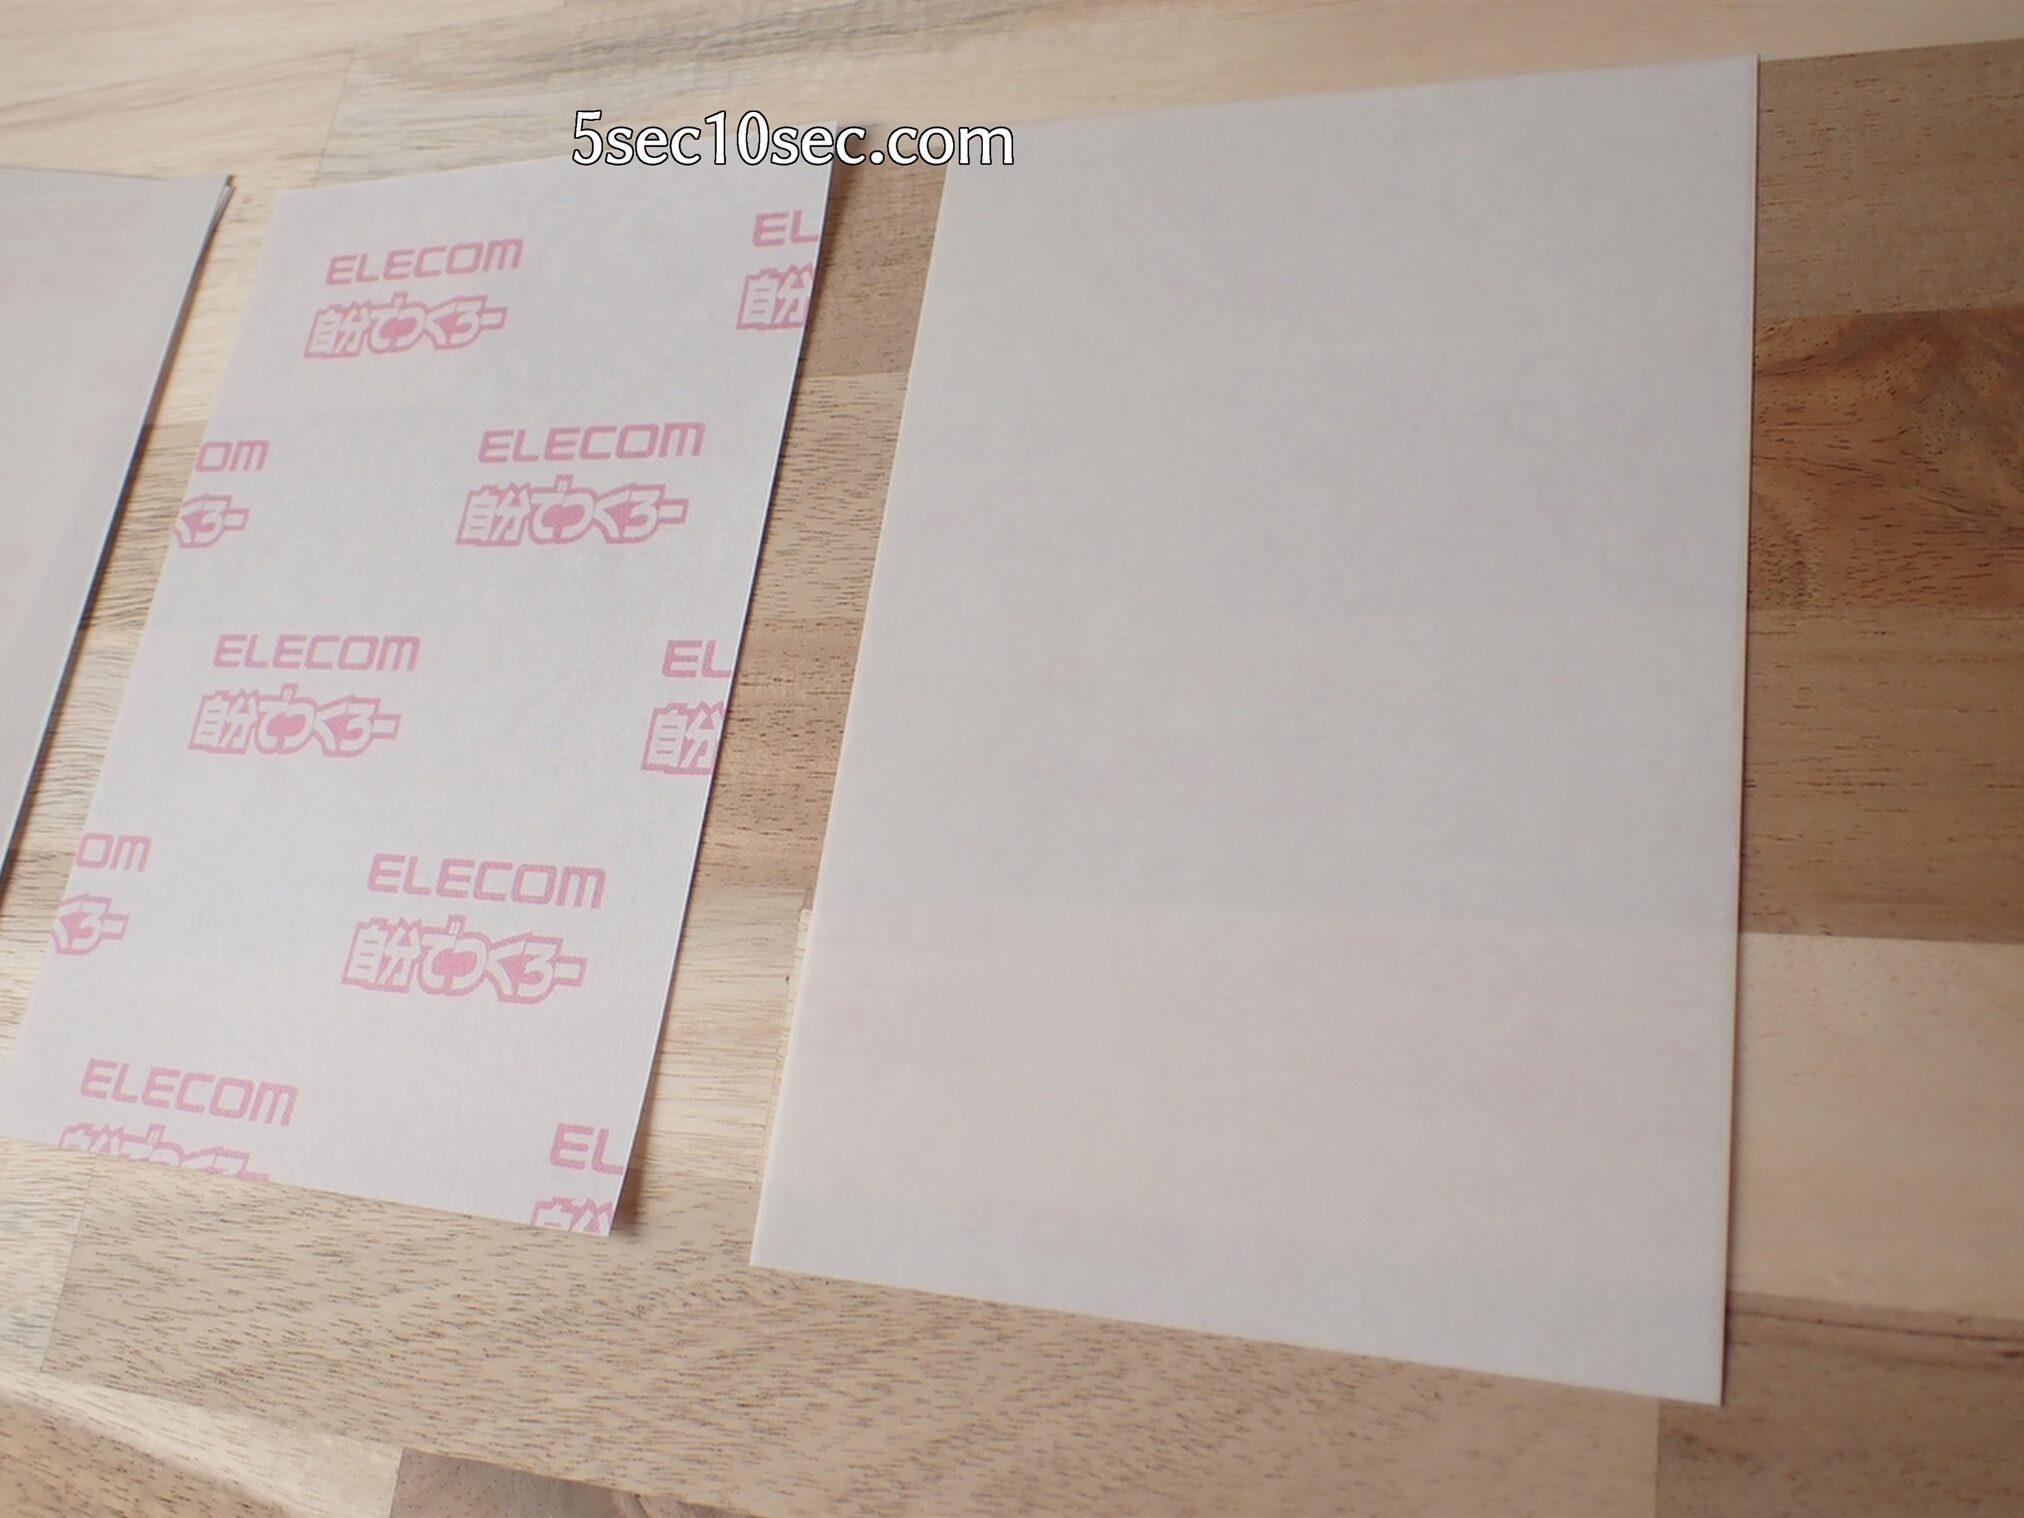 エレコム ELECOM アイロンプリントペーパー 白・淡色用 ハガキサイズ 5枚入り EJP-WPNH1 仕上紙も付属しています